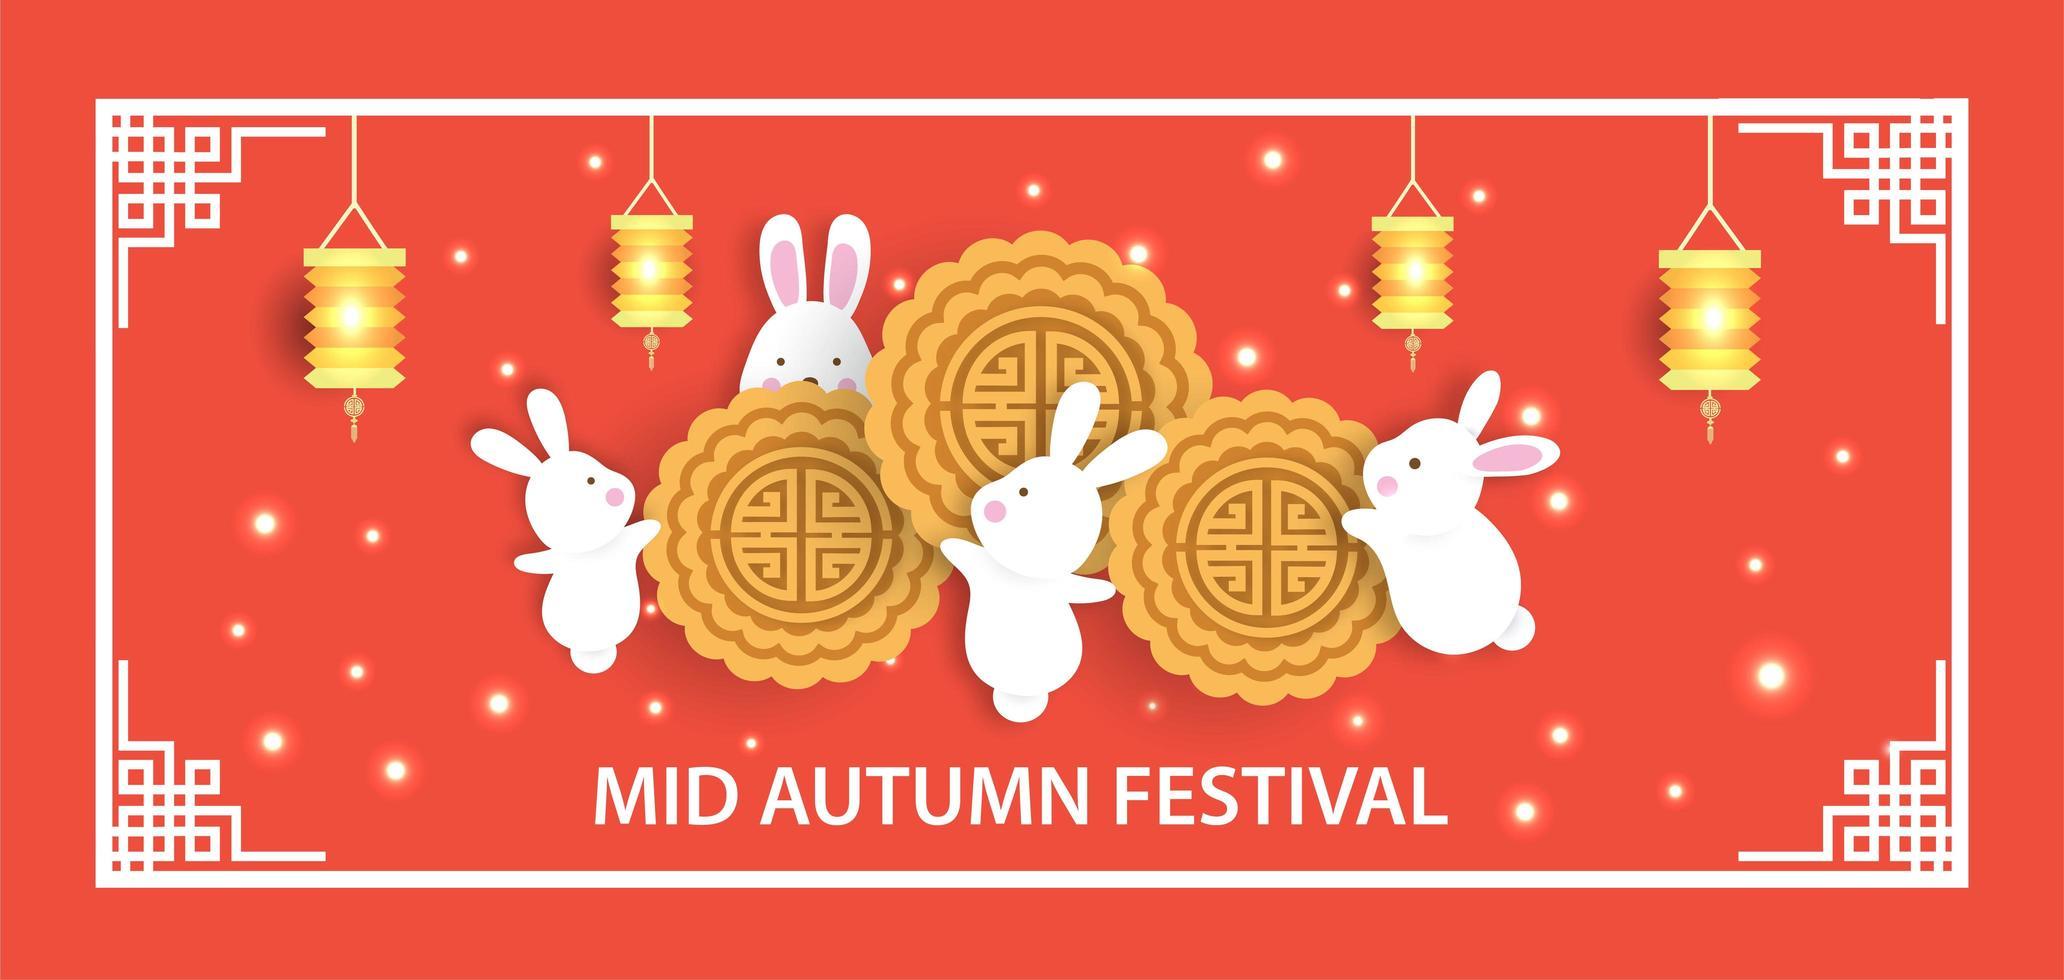 banner festival metà autunno con simpatici conigli vettore